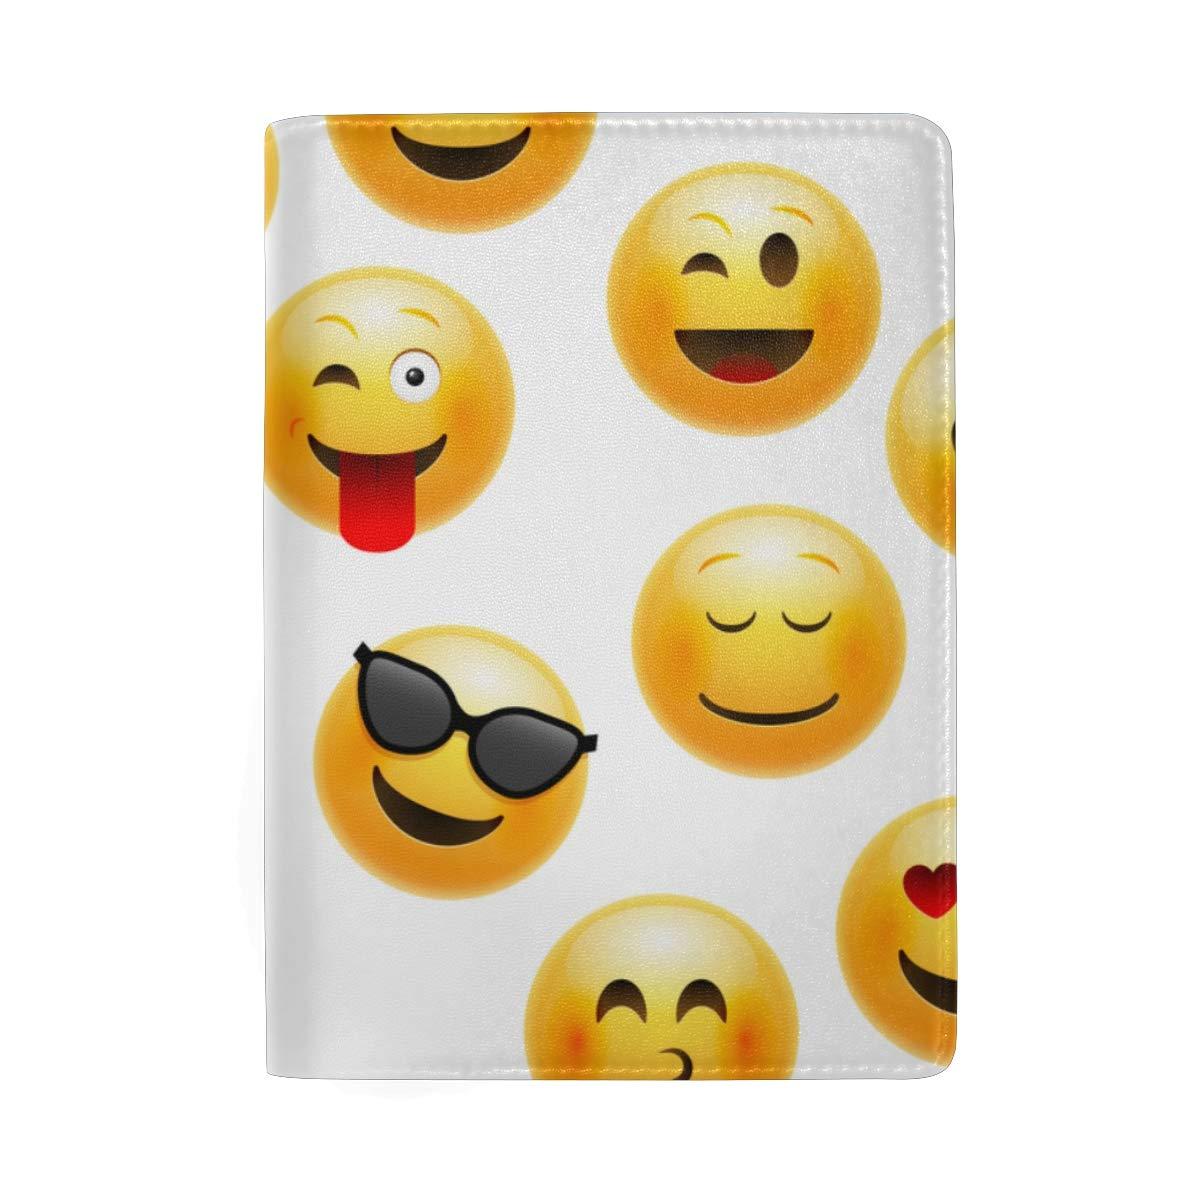 Interminables Repeticiones Planas Emoji Emote Emoticonos ...